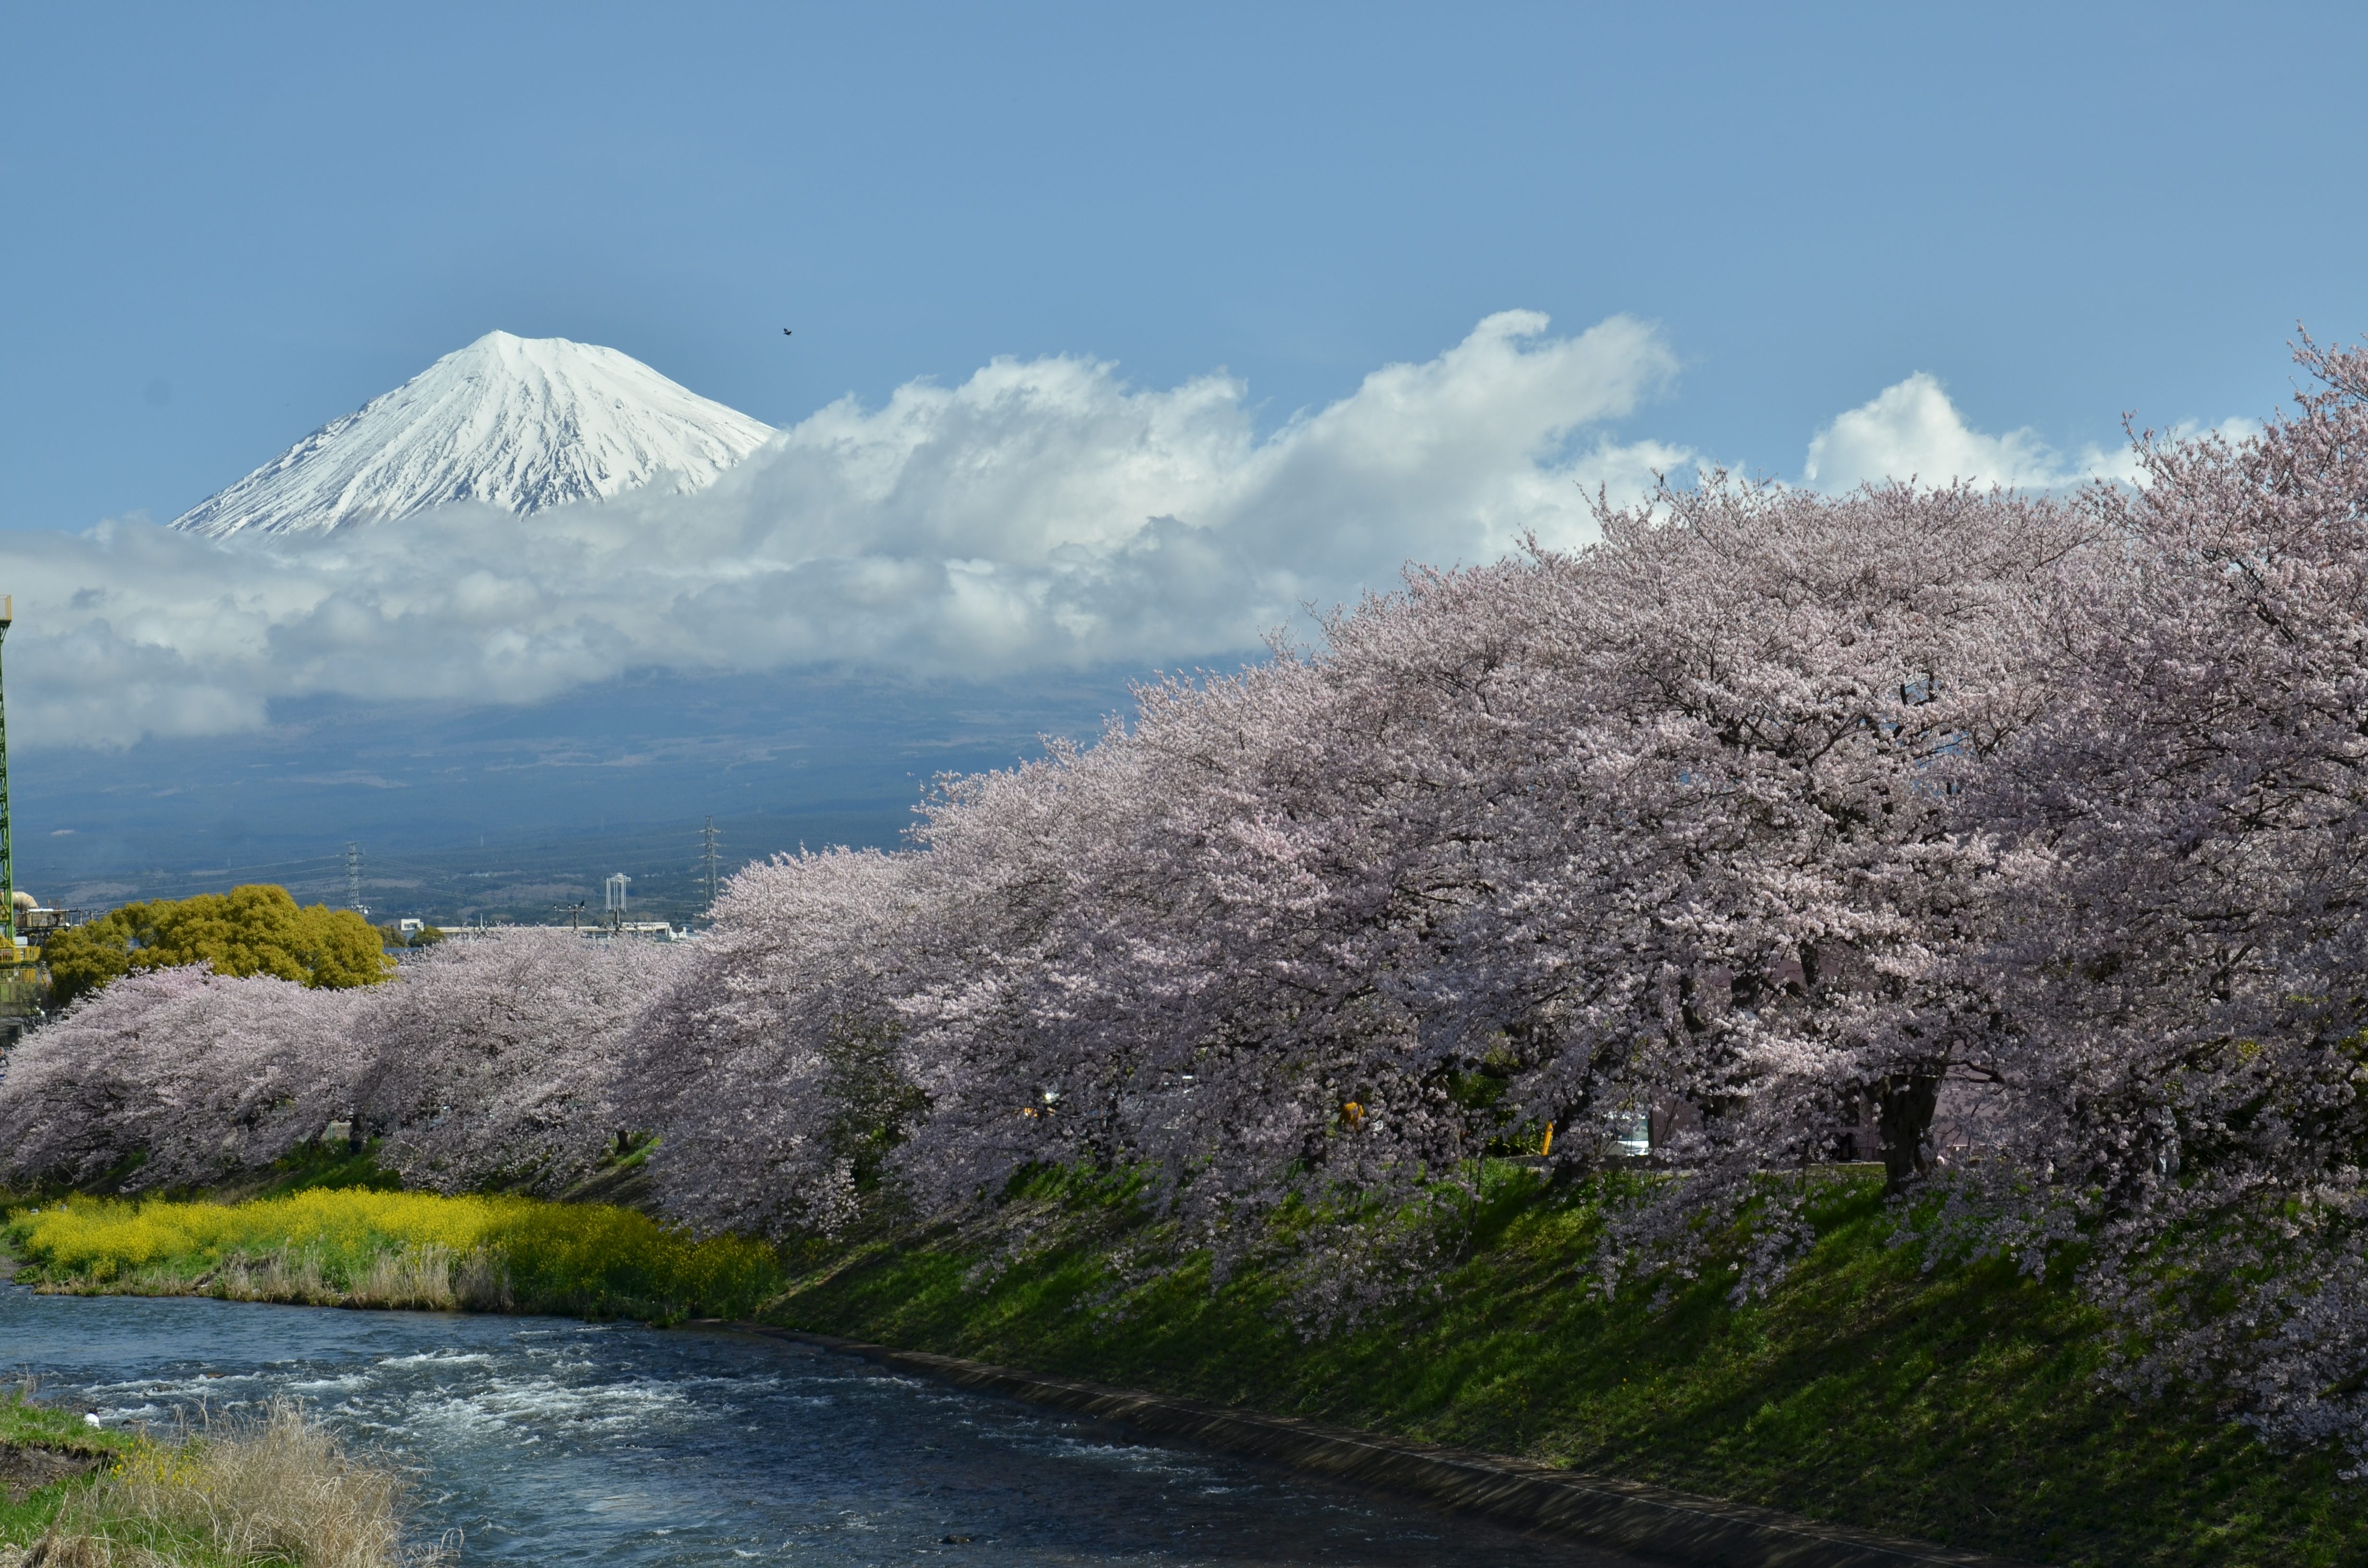 ライトアップされた夜桜も見ごたえがあります。